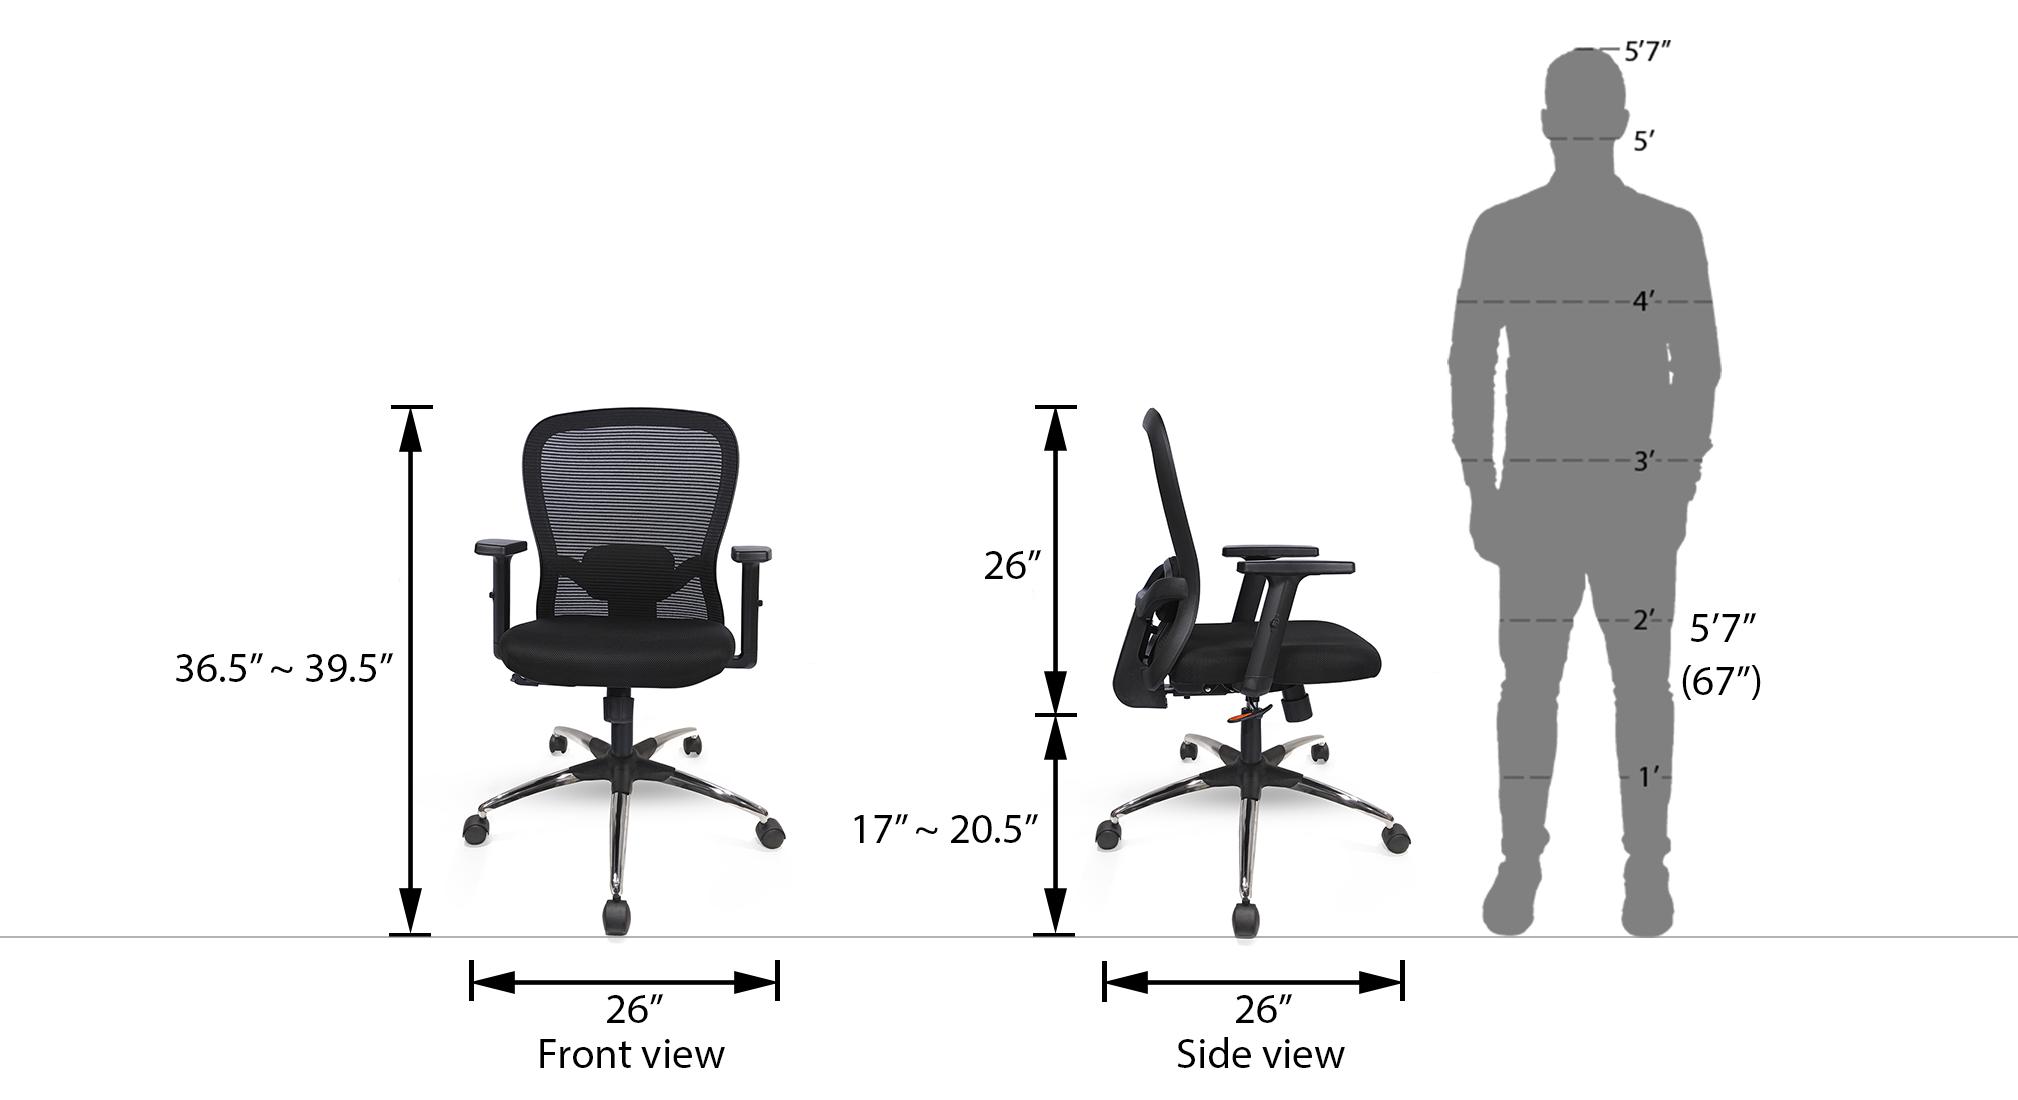 Cohen study chair black 6